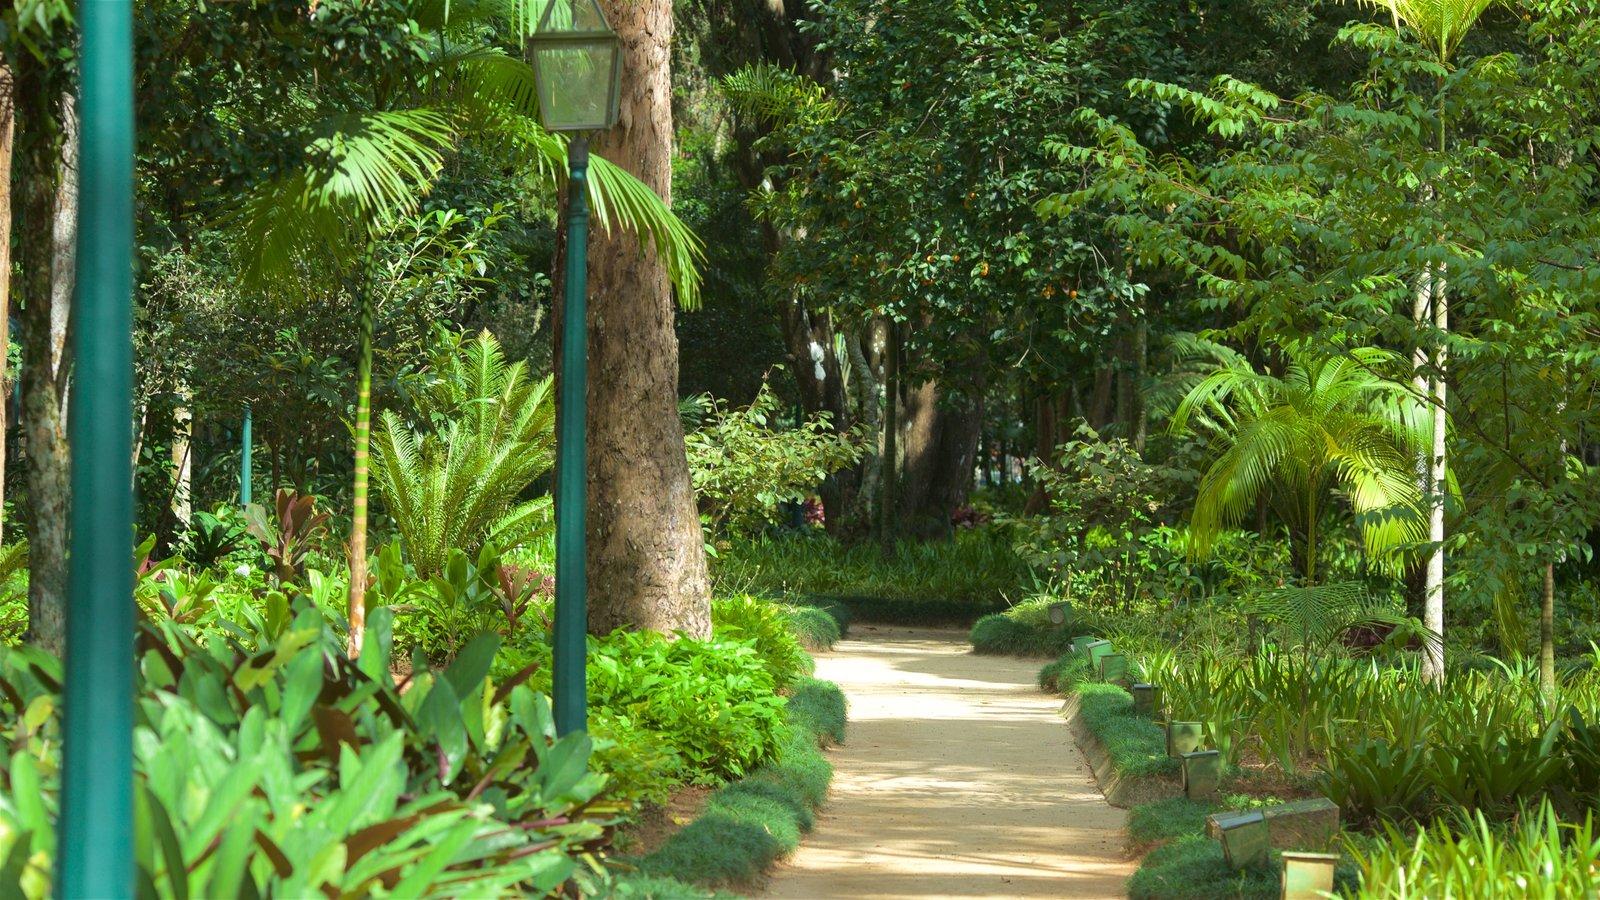 Museu Imperial que inclui um parque